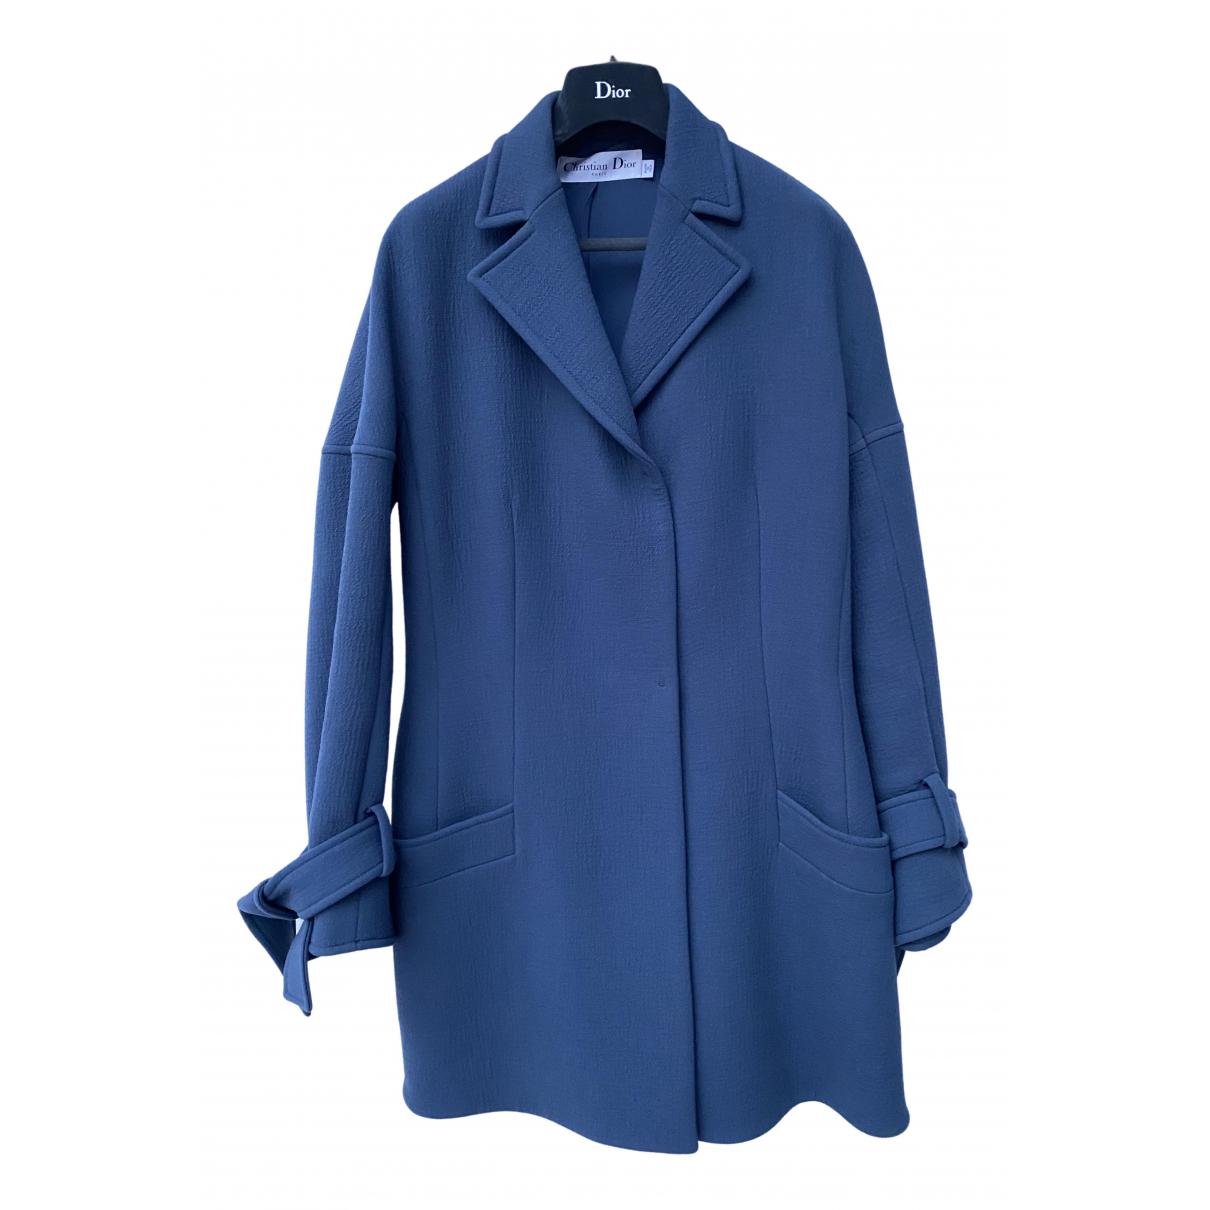 Dior - Manteau   pour femme en laine - bleu